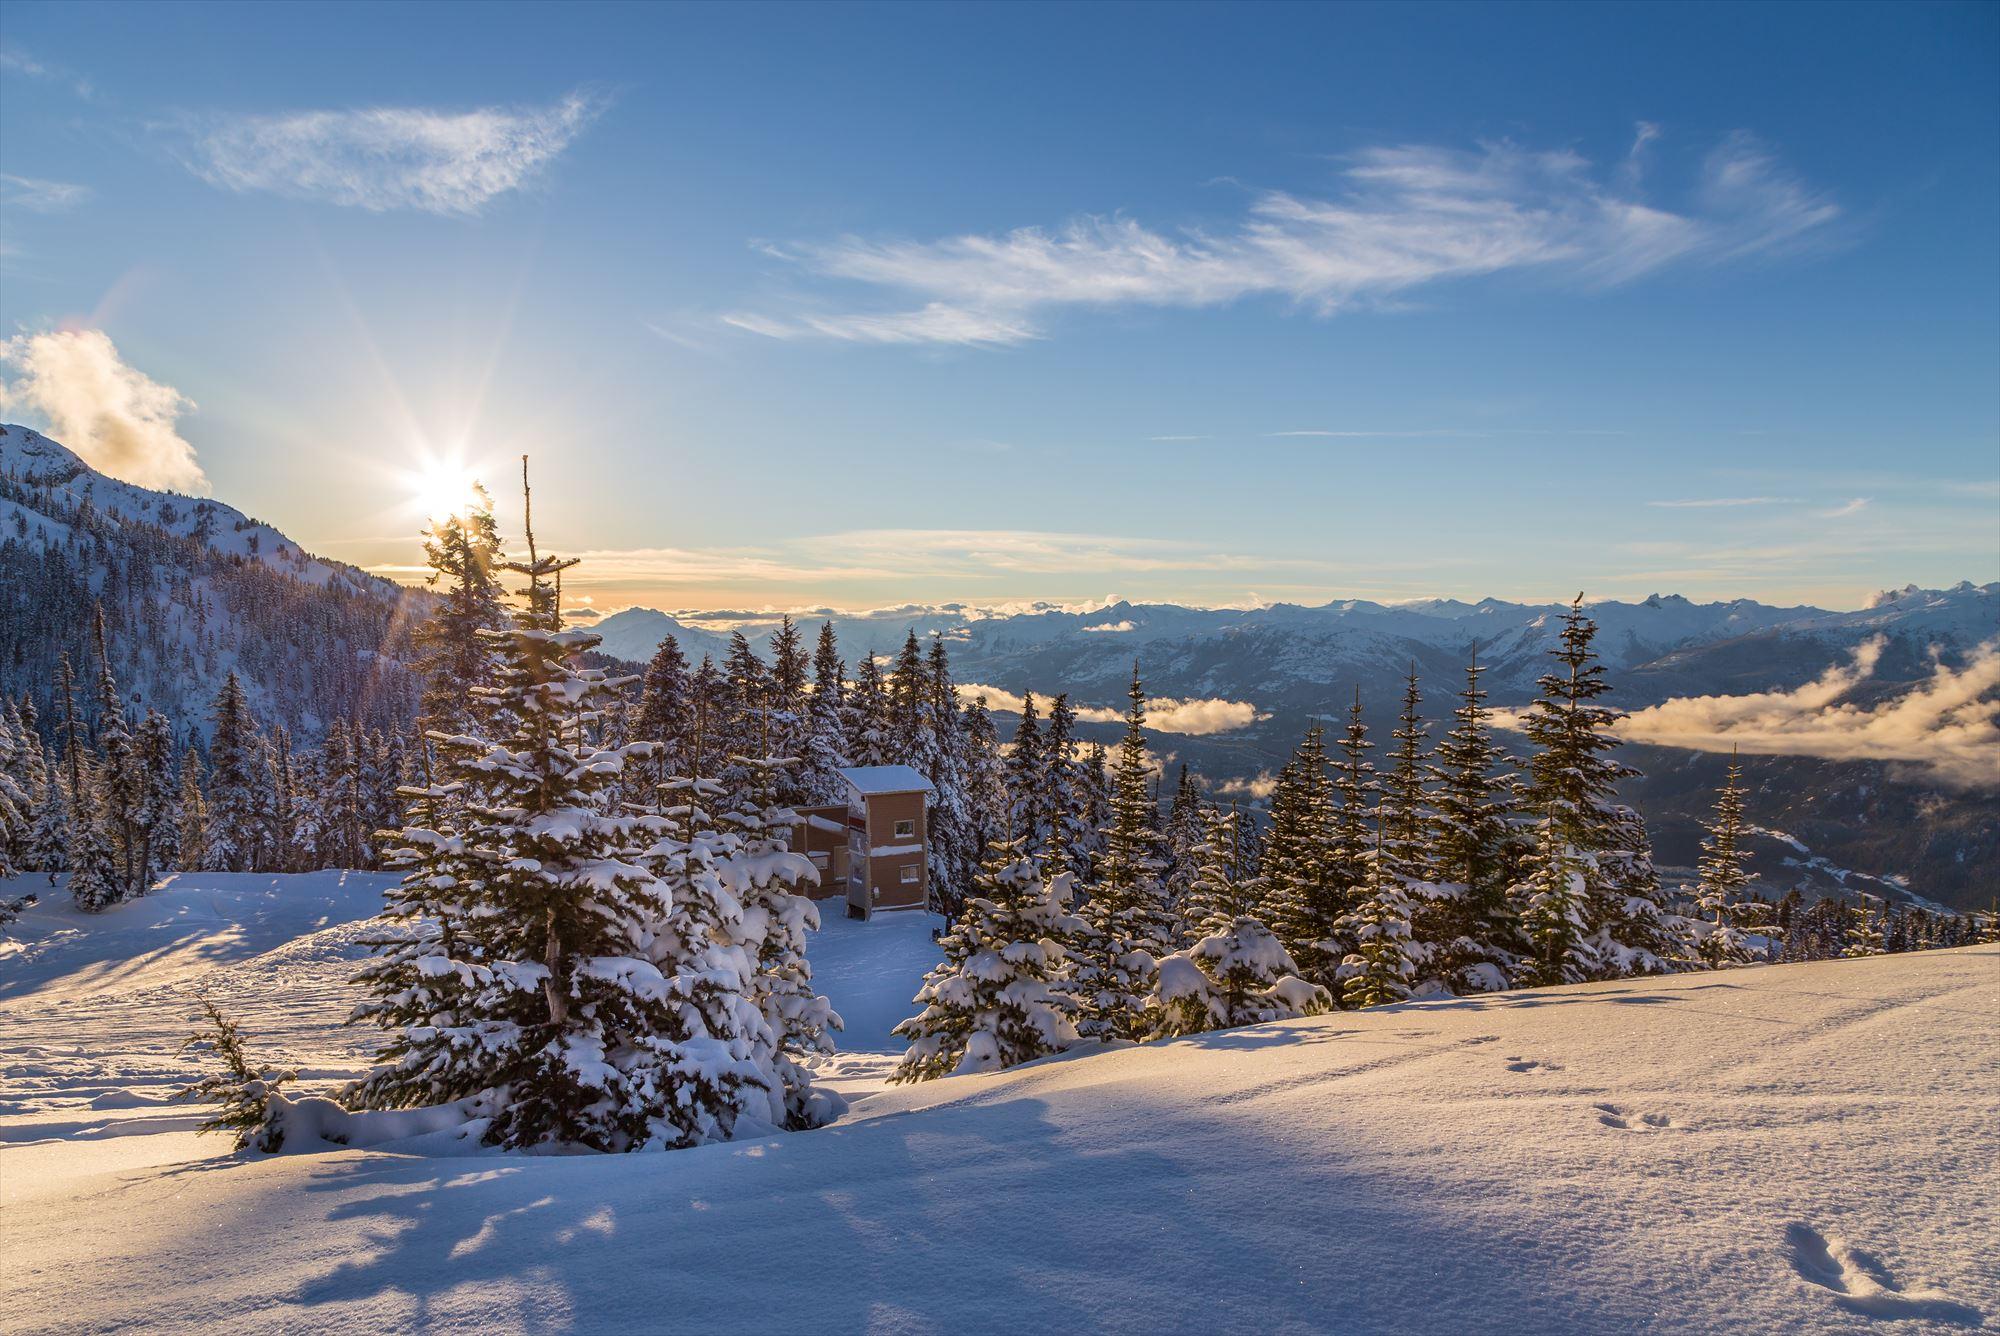 【 オタワ留学の4つのデメリット】1: 冬が比較的長い